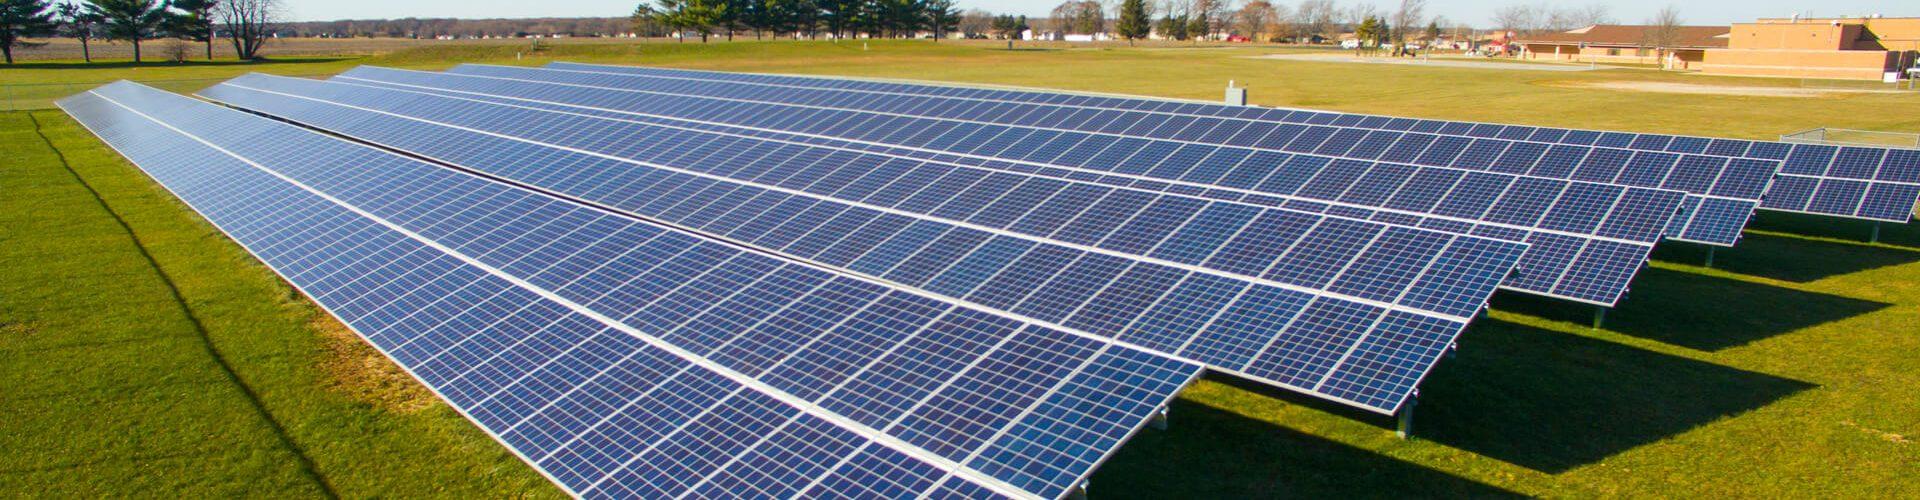 新疆首个屋顶分布式光伏电站并网发电成功